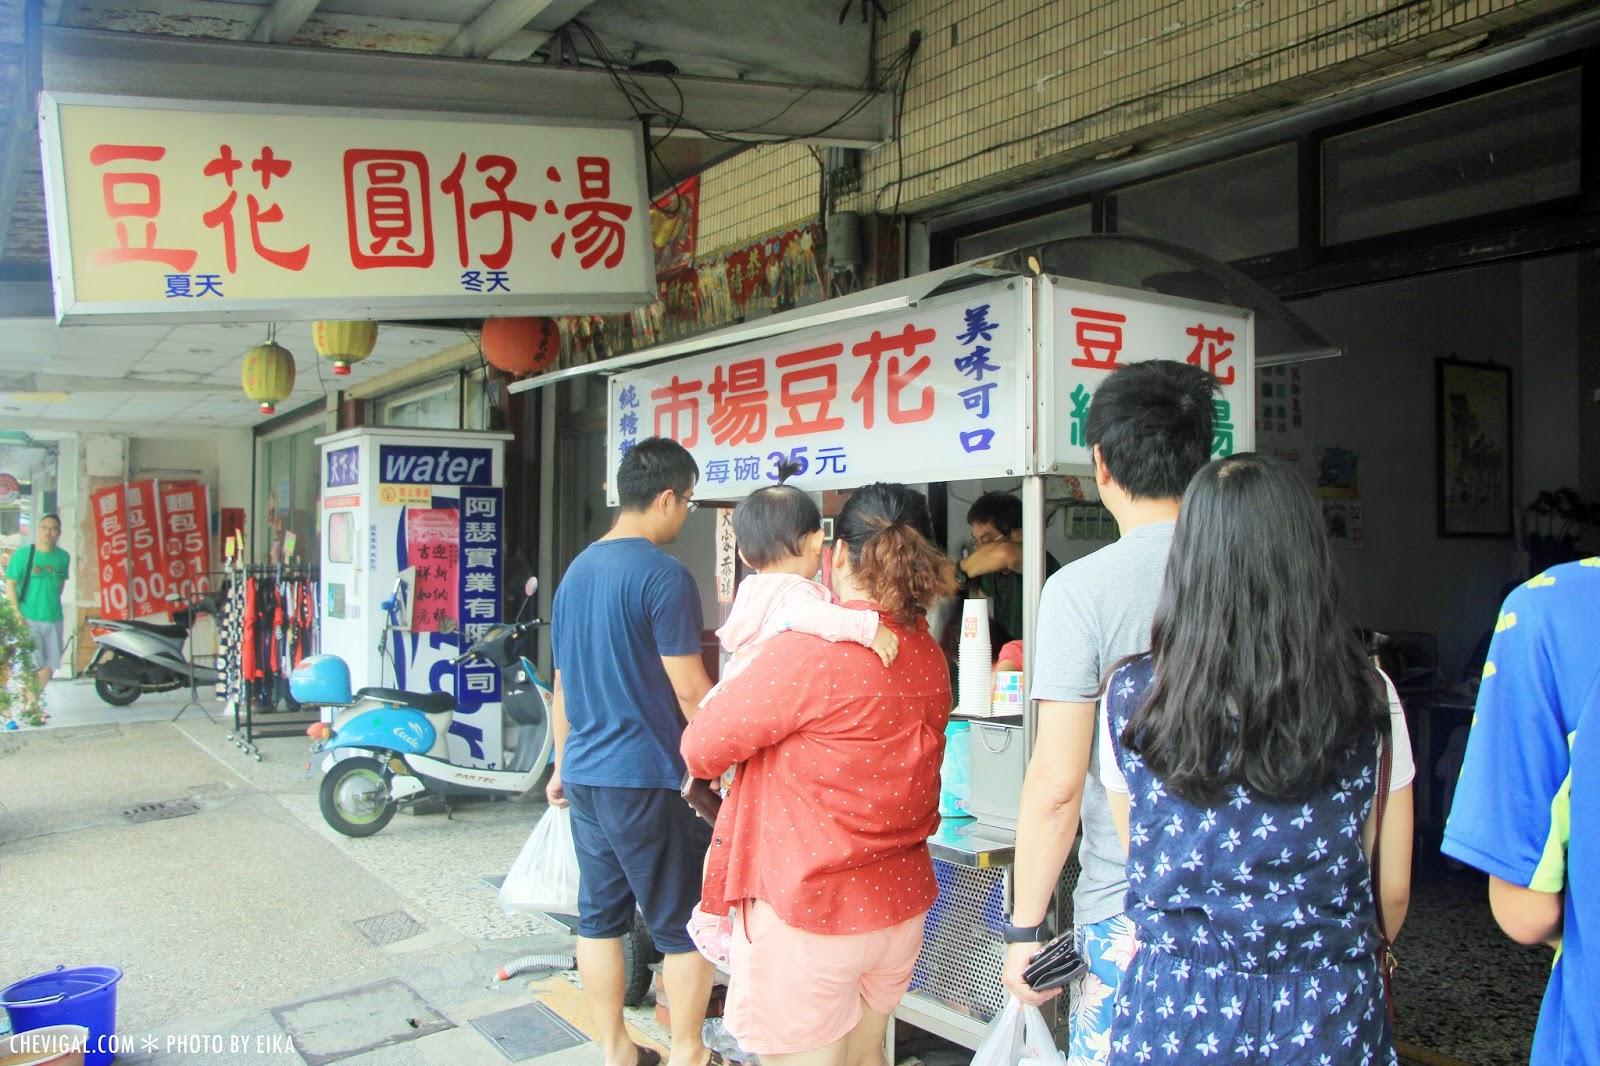 台中烏日│市場豆花。清涼消暑好選擇。口感綿密的古早味豆花。也吃得到濃濃黃豆香氣唷